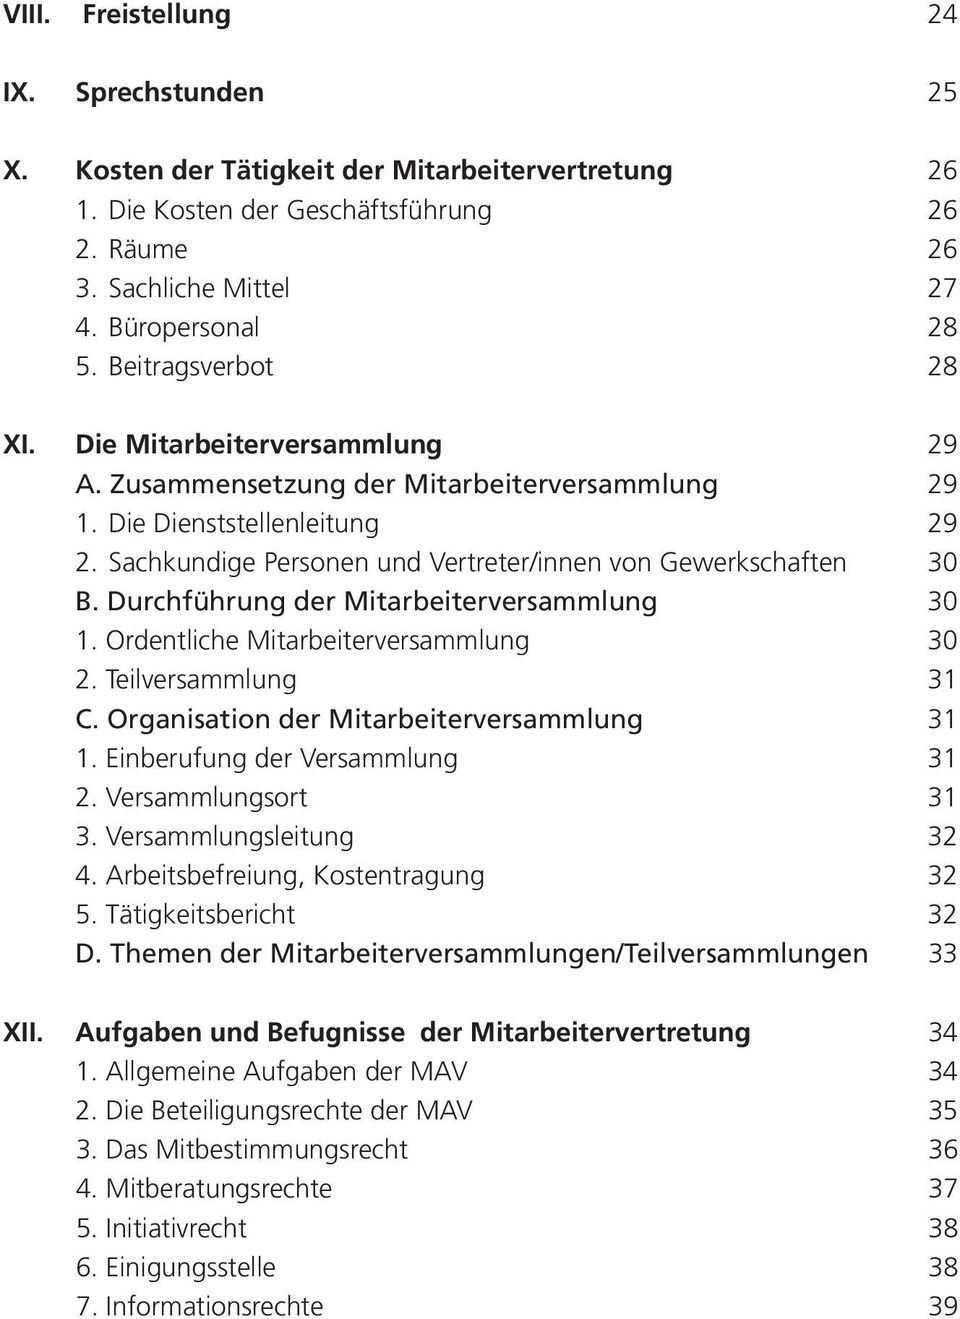 Leitfaden Fur Mitarbeitervertretungen In Der Evangelischen Kirche Und Der Diakonie Pdf Kostenfreier Download